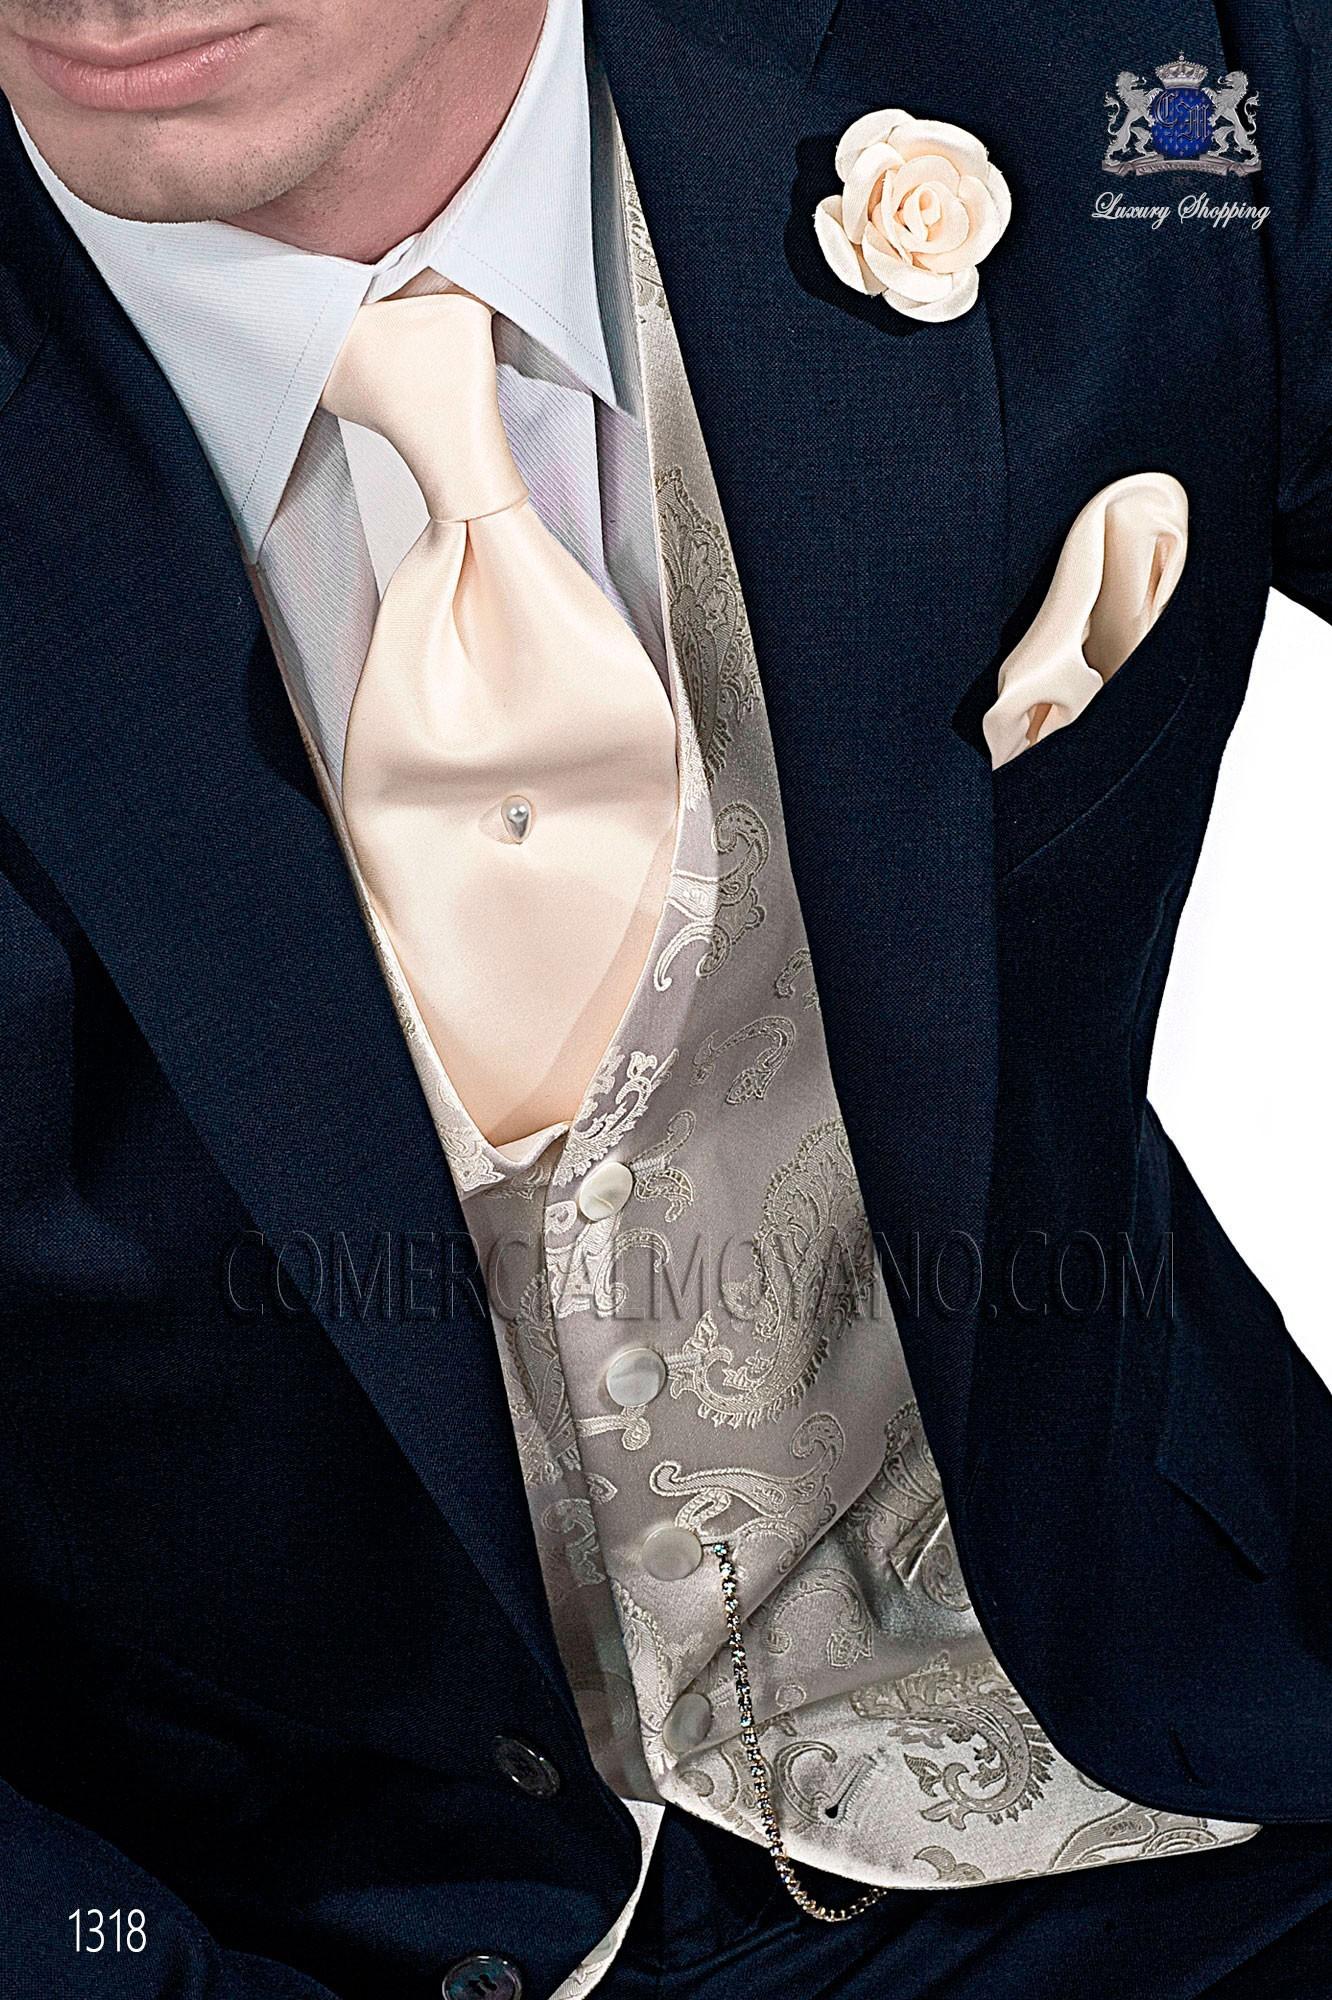 Traje Gentleman de novio azul modelo: 1318 Ottavio Nuccio Gala colección Gentleman